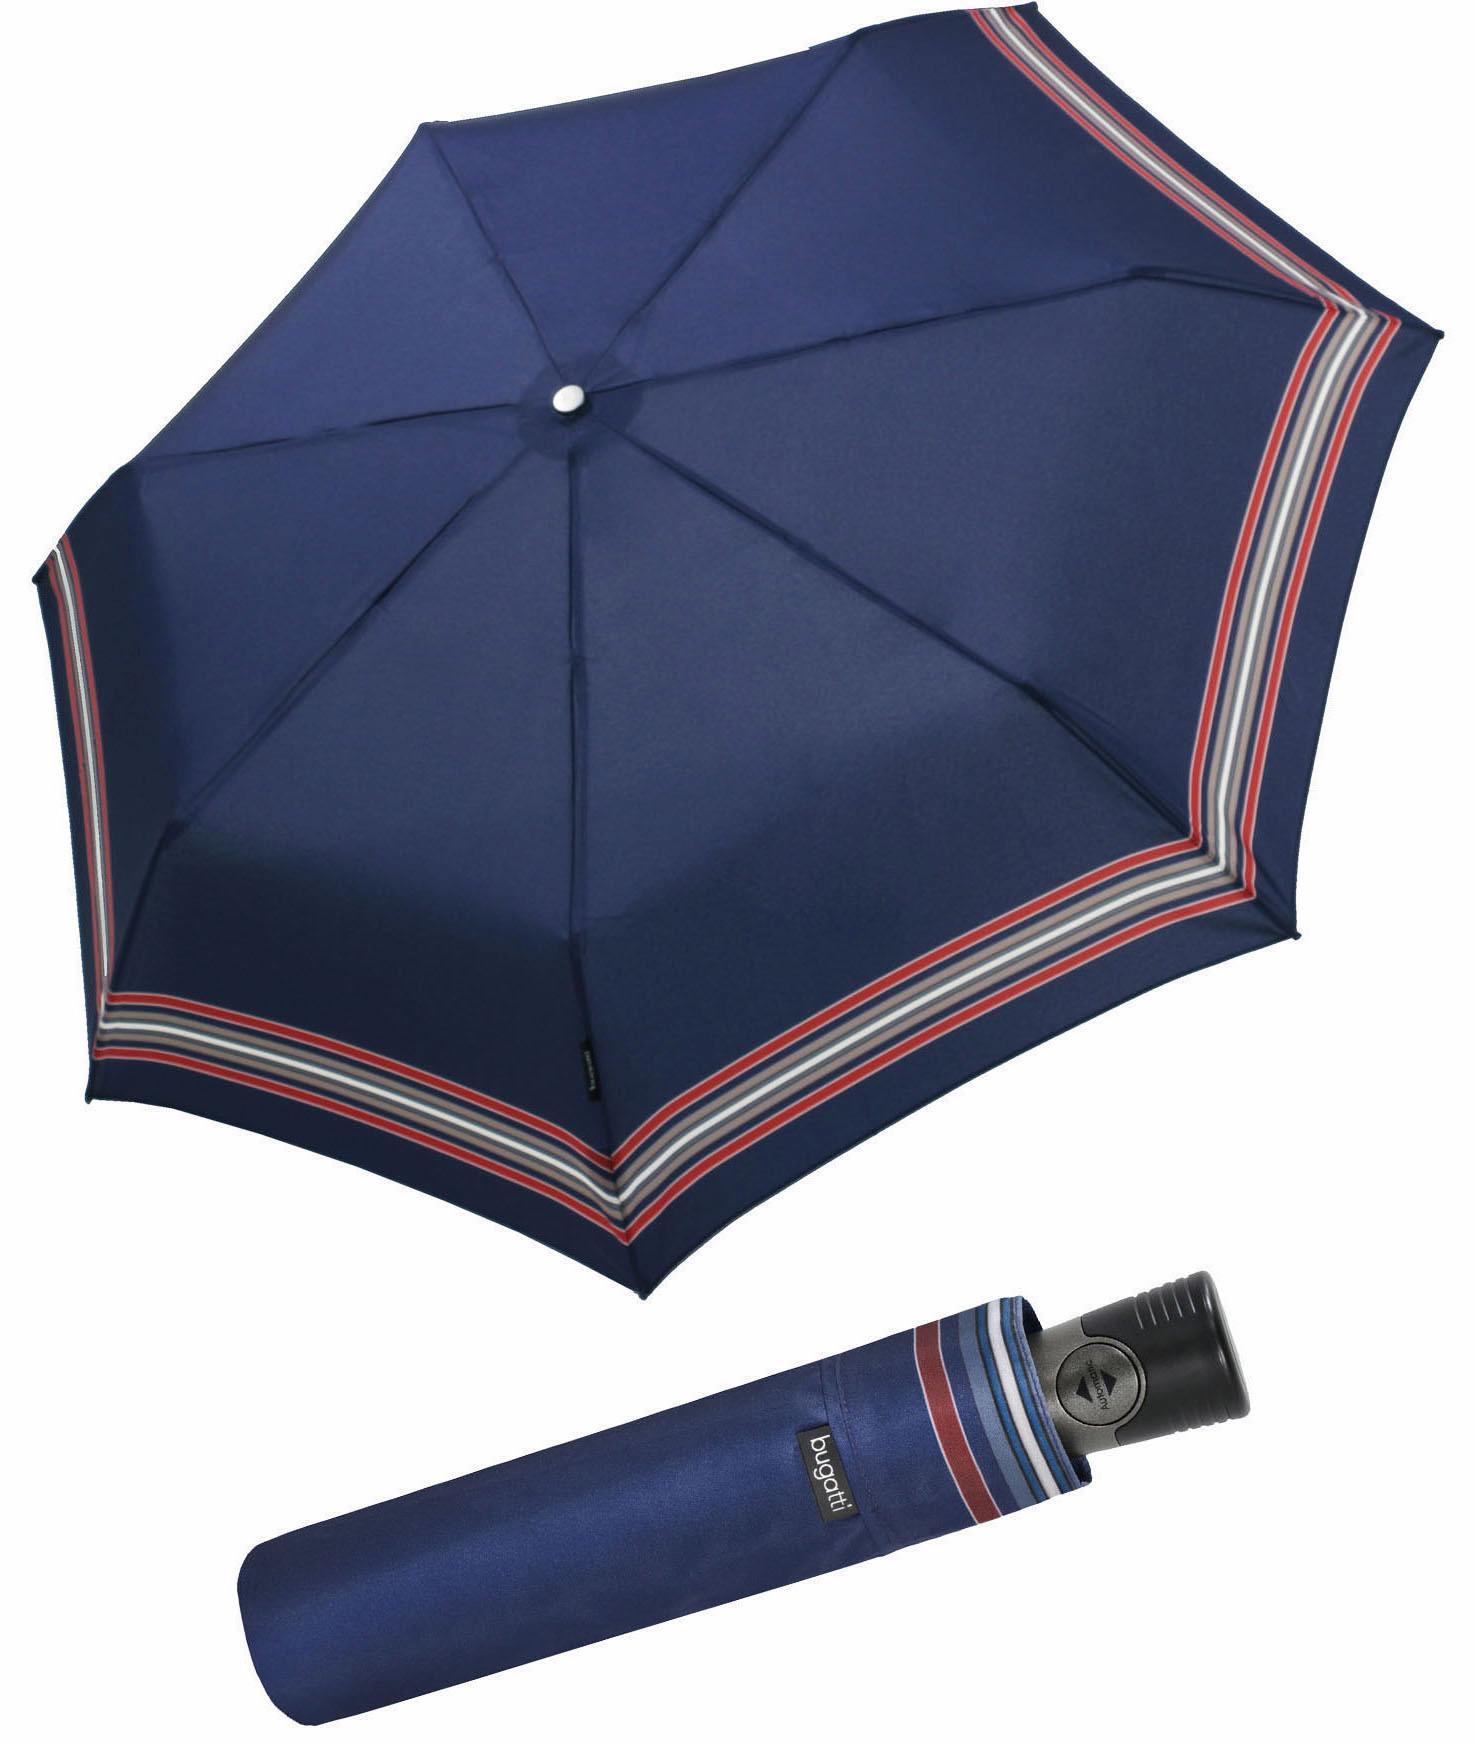 bugatti, Taschenregenschirm Take It Duo | Accessoires > Regenschirme > Sonstige Regenschirme | Blau | Bugatti